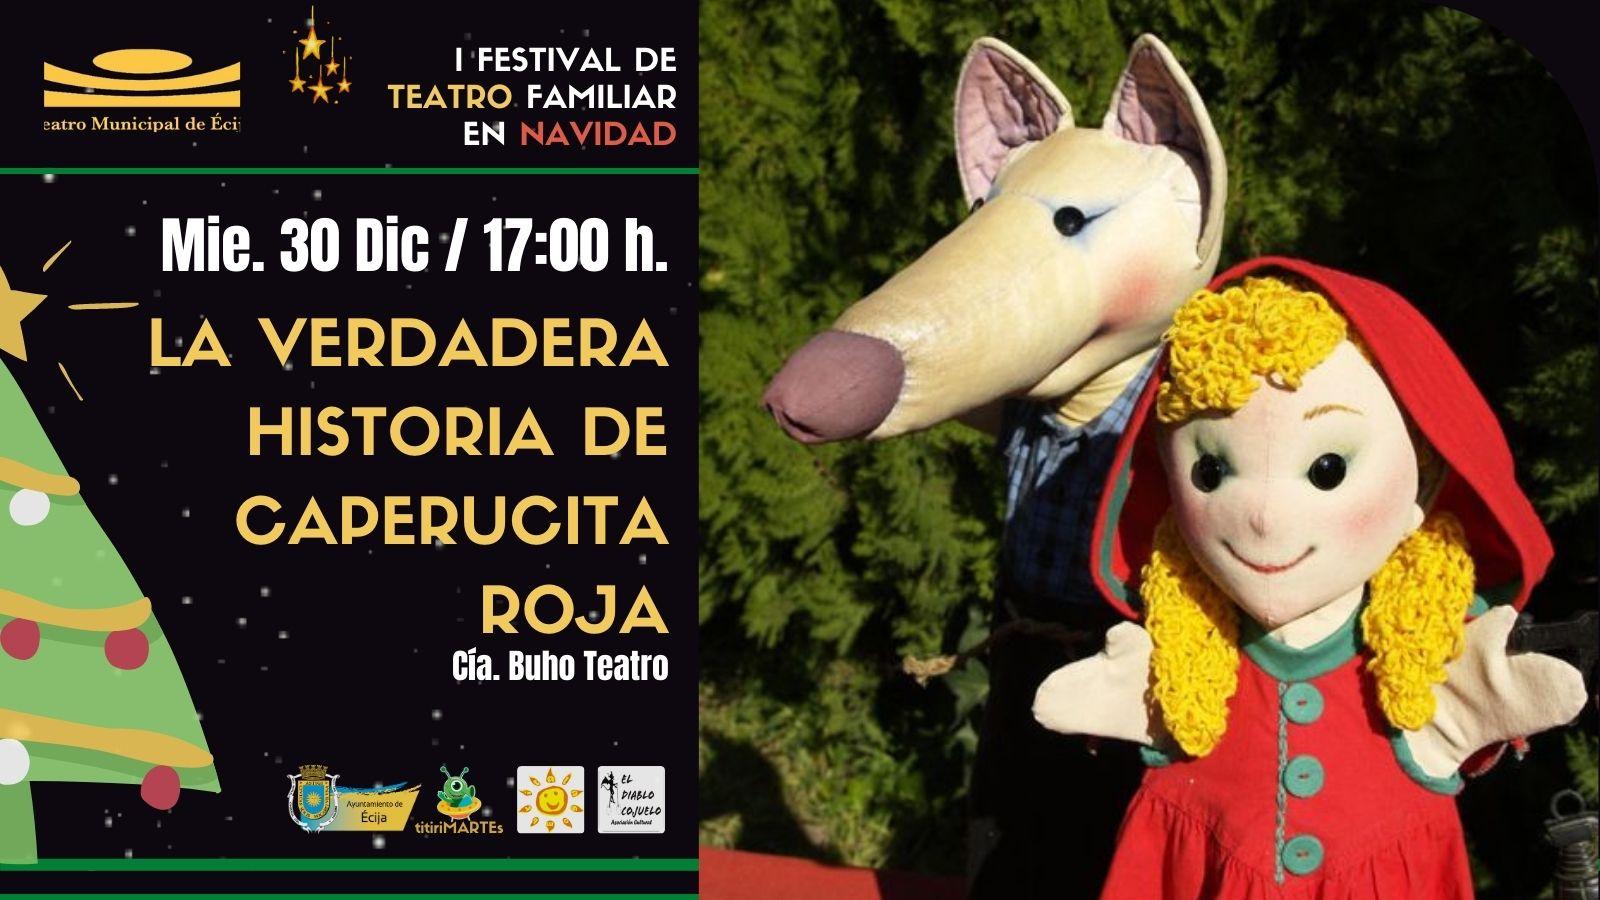 I Festival Teatro Navidad Ecija - La Verdadera Historia de Caperucita Roja